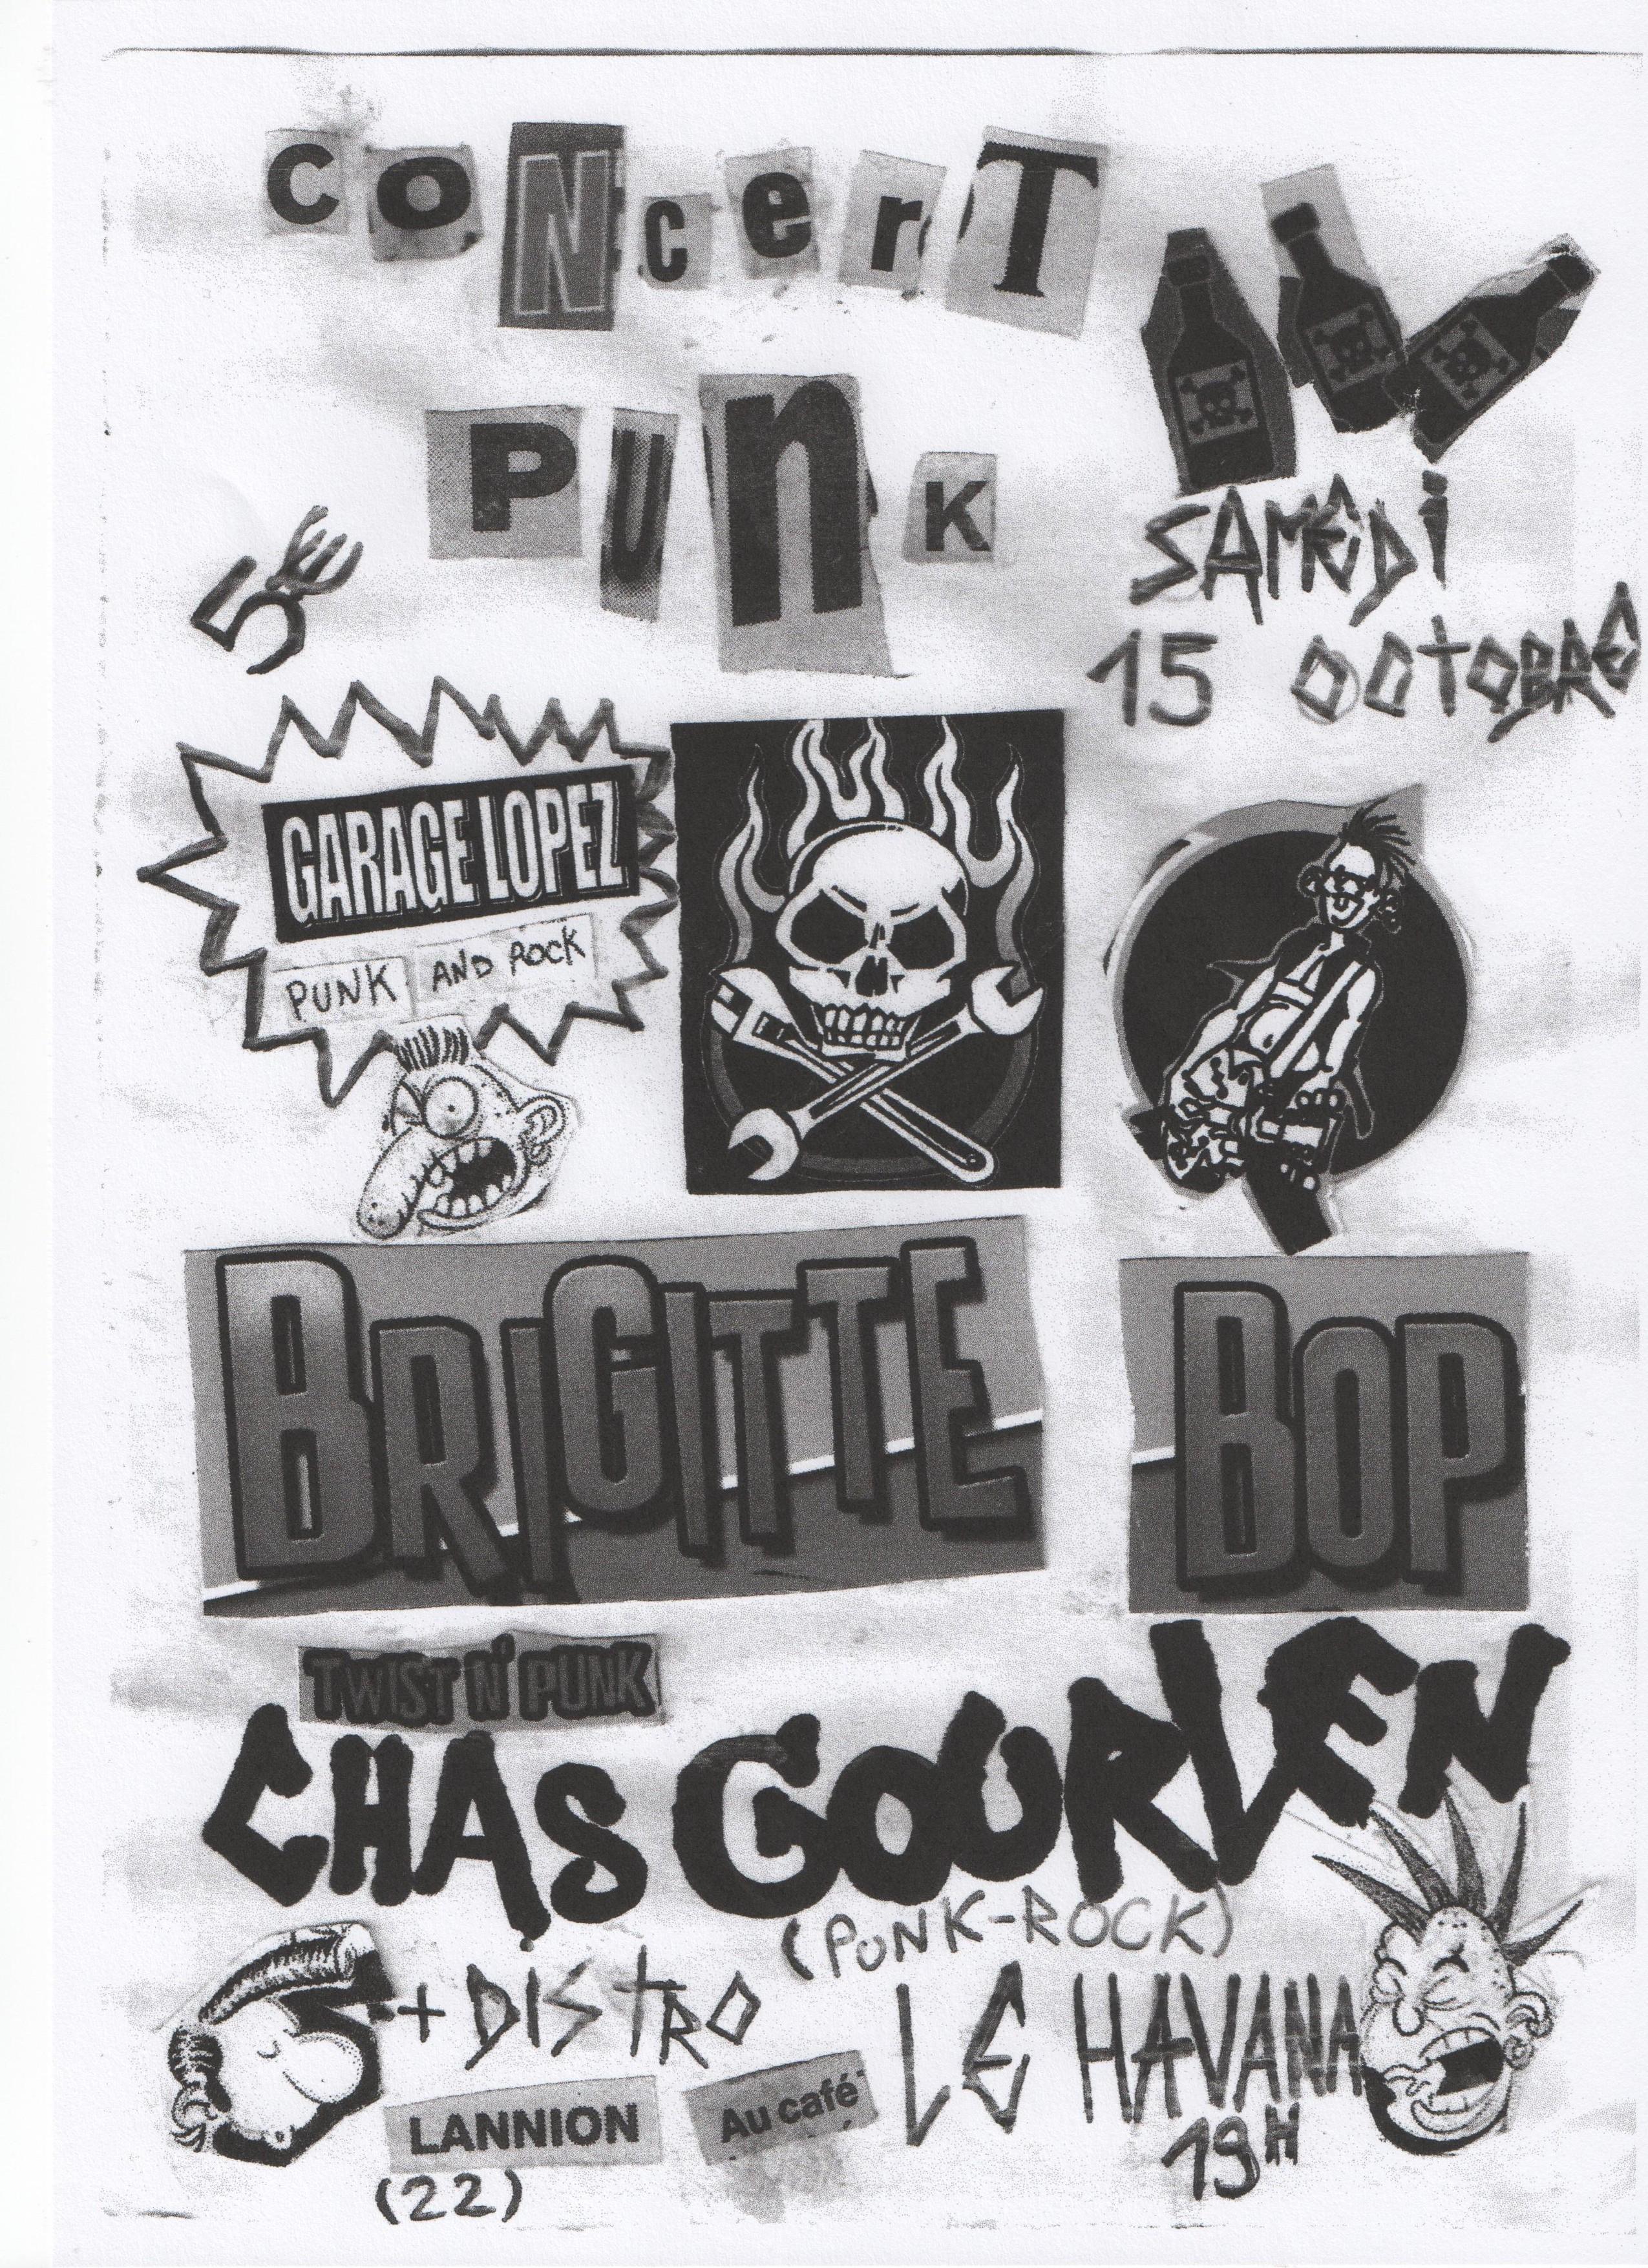 """15 octobre 2011 Garage Lopez, Brigitte Bop, Chas Gourlen à Lannion """"Le Havana"""""""